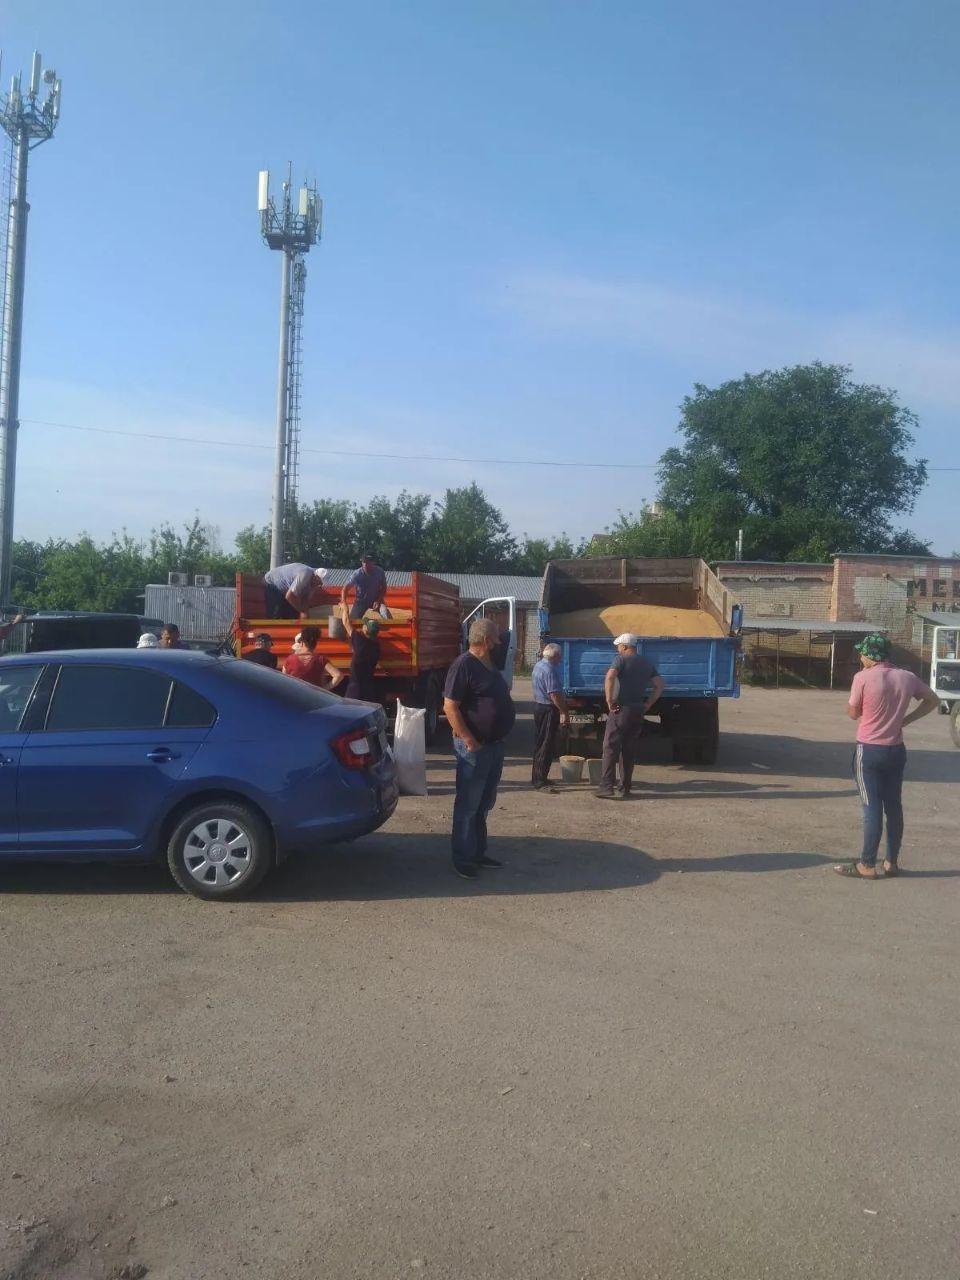 На городском рынке Петровска работала сельскохозяйственная ярмарка